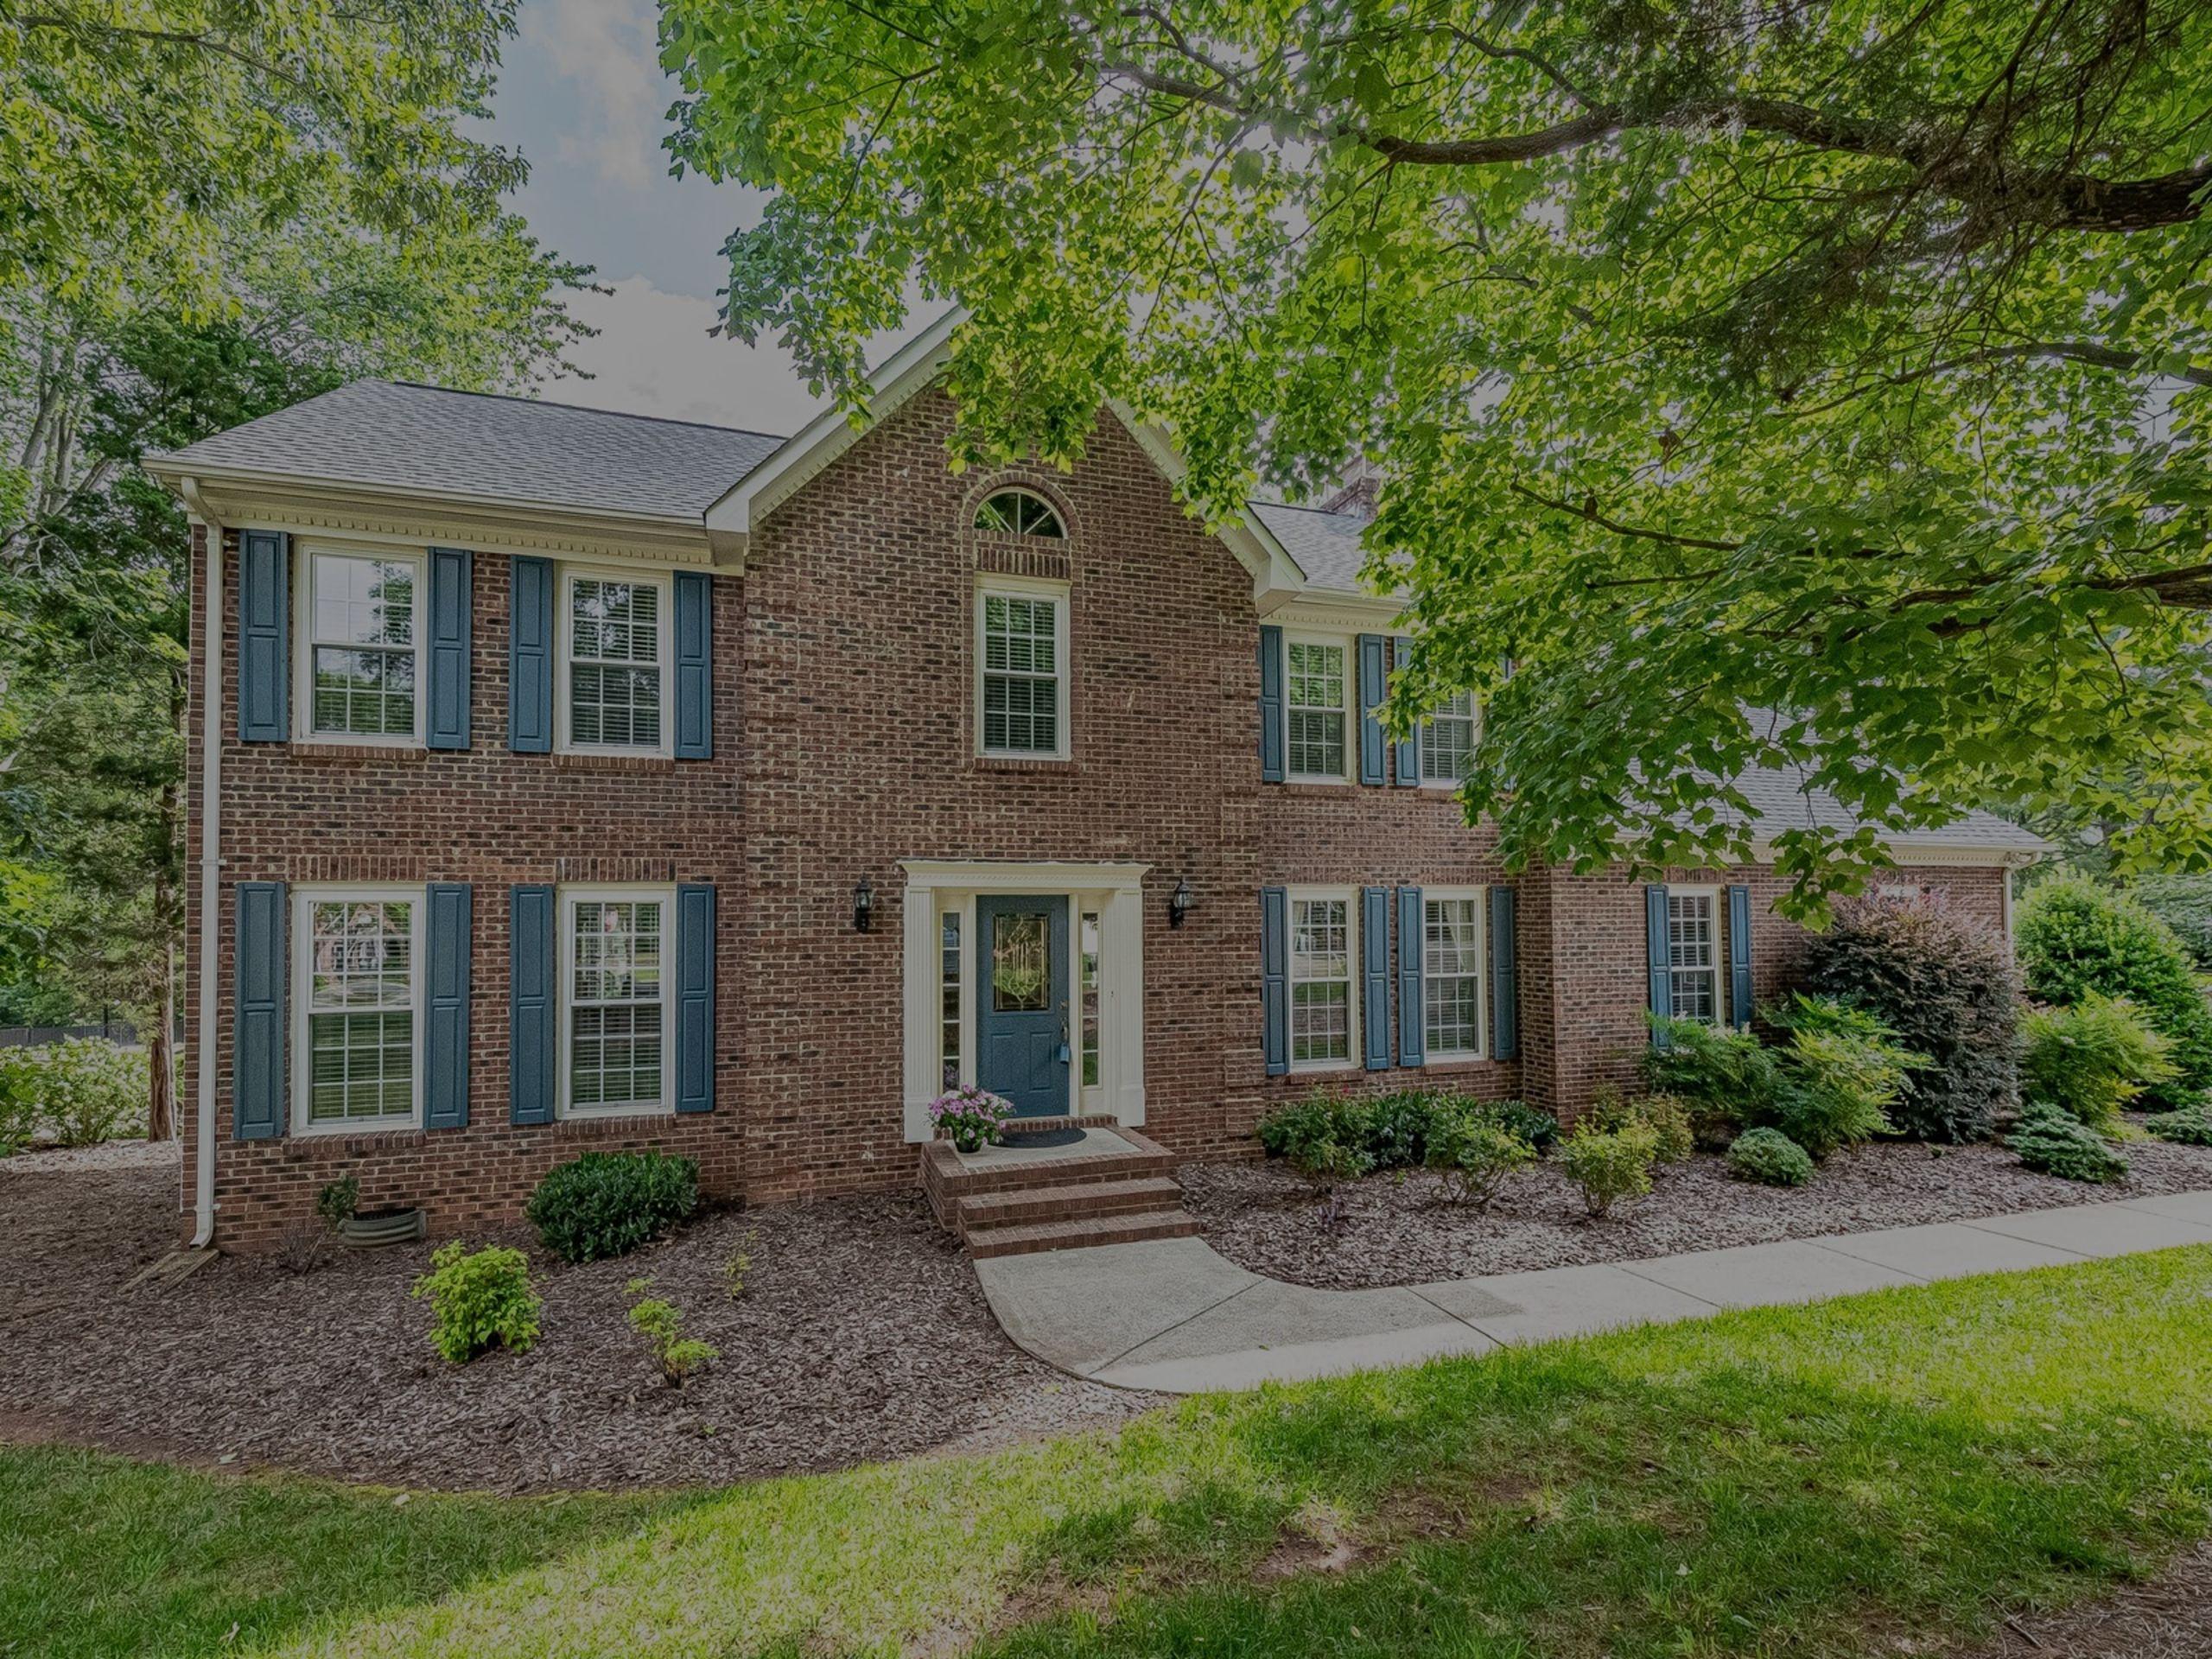 4919 Sarah Hall Lane, Charlotte, NC Home for sale!